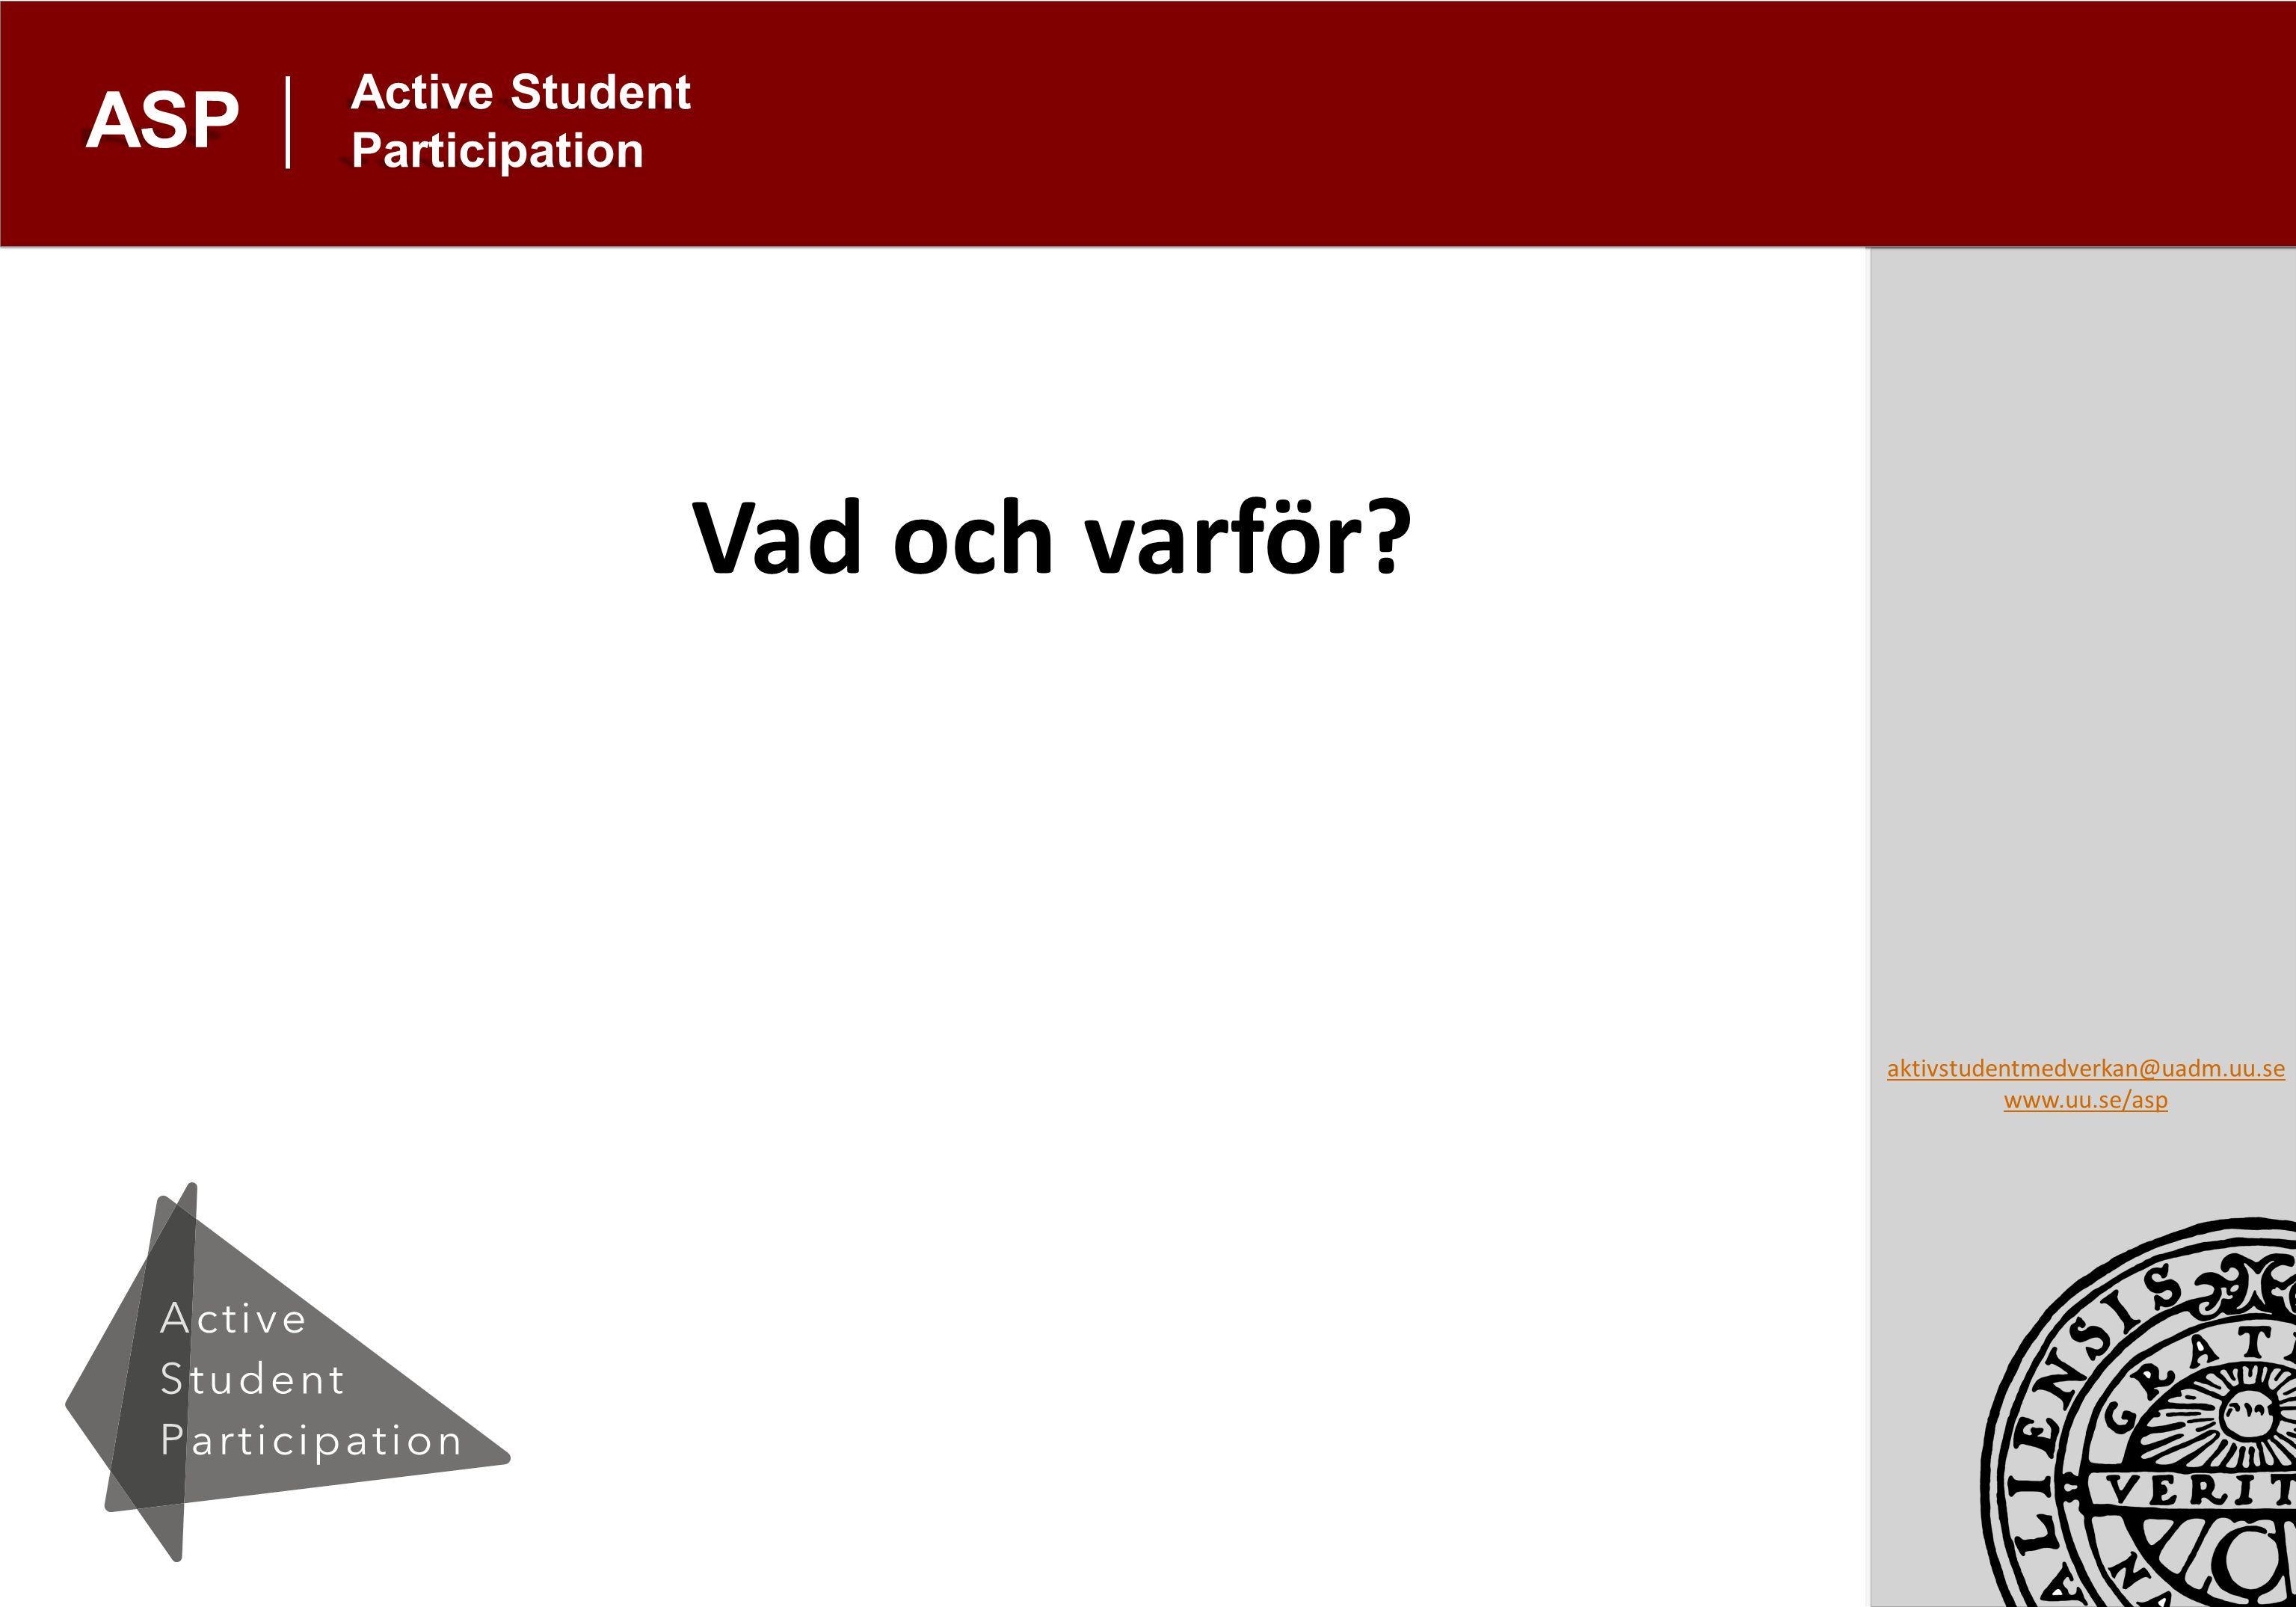 aktivstudentmedverkan@uadm.uu.se www.uu.se/asp Active Student Participation ASP Vad och varför